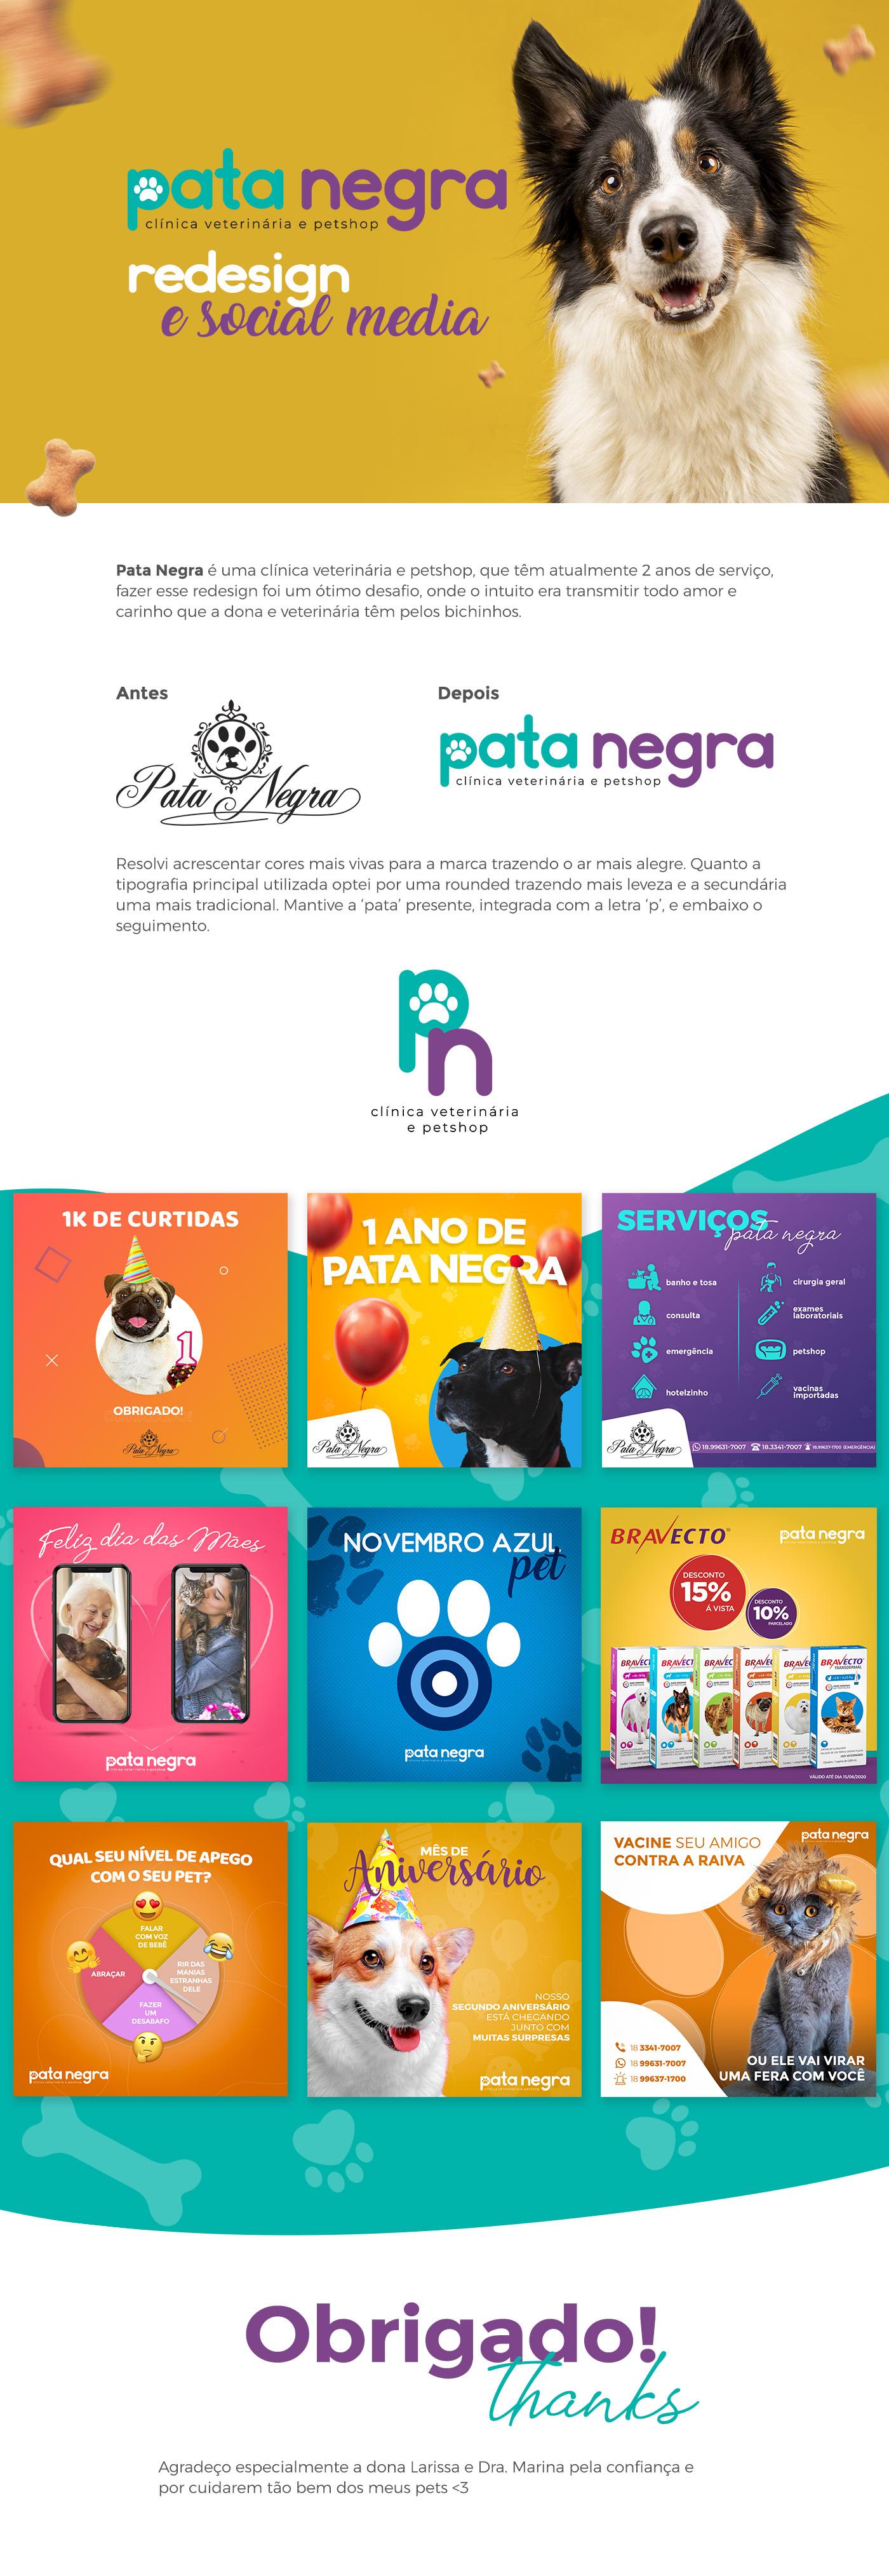 clinica veterinaria facebook instagram petshop posts redesign social media